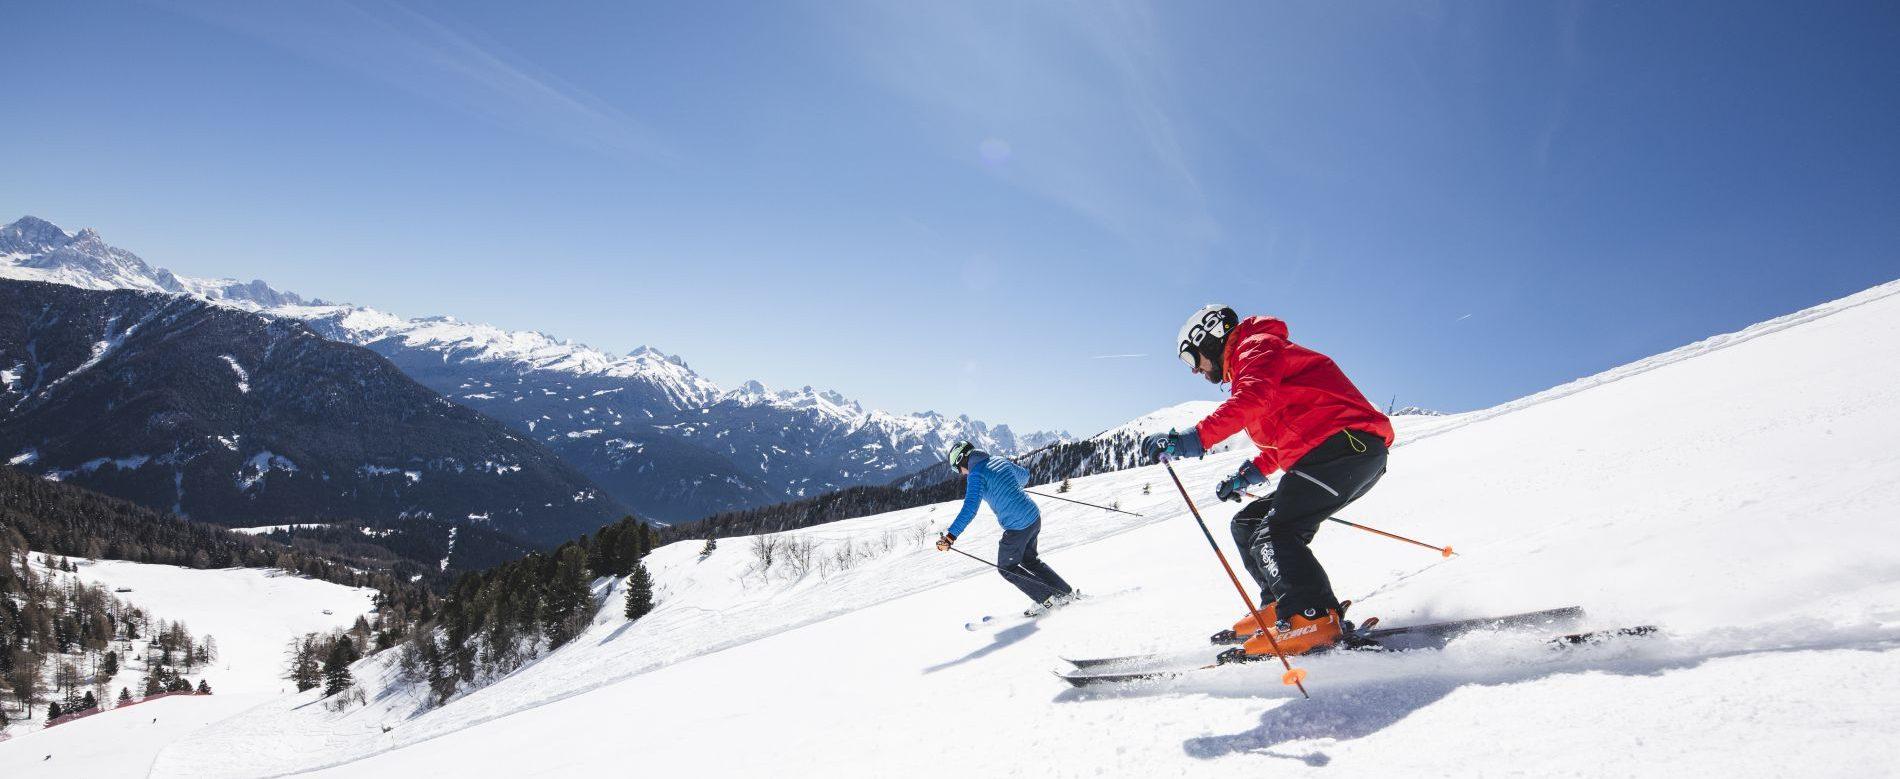 prezzi-skipass_ski-center-latemar-val di fiemme-trentino